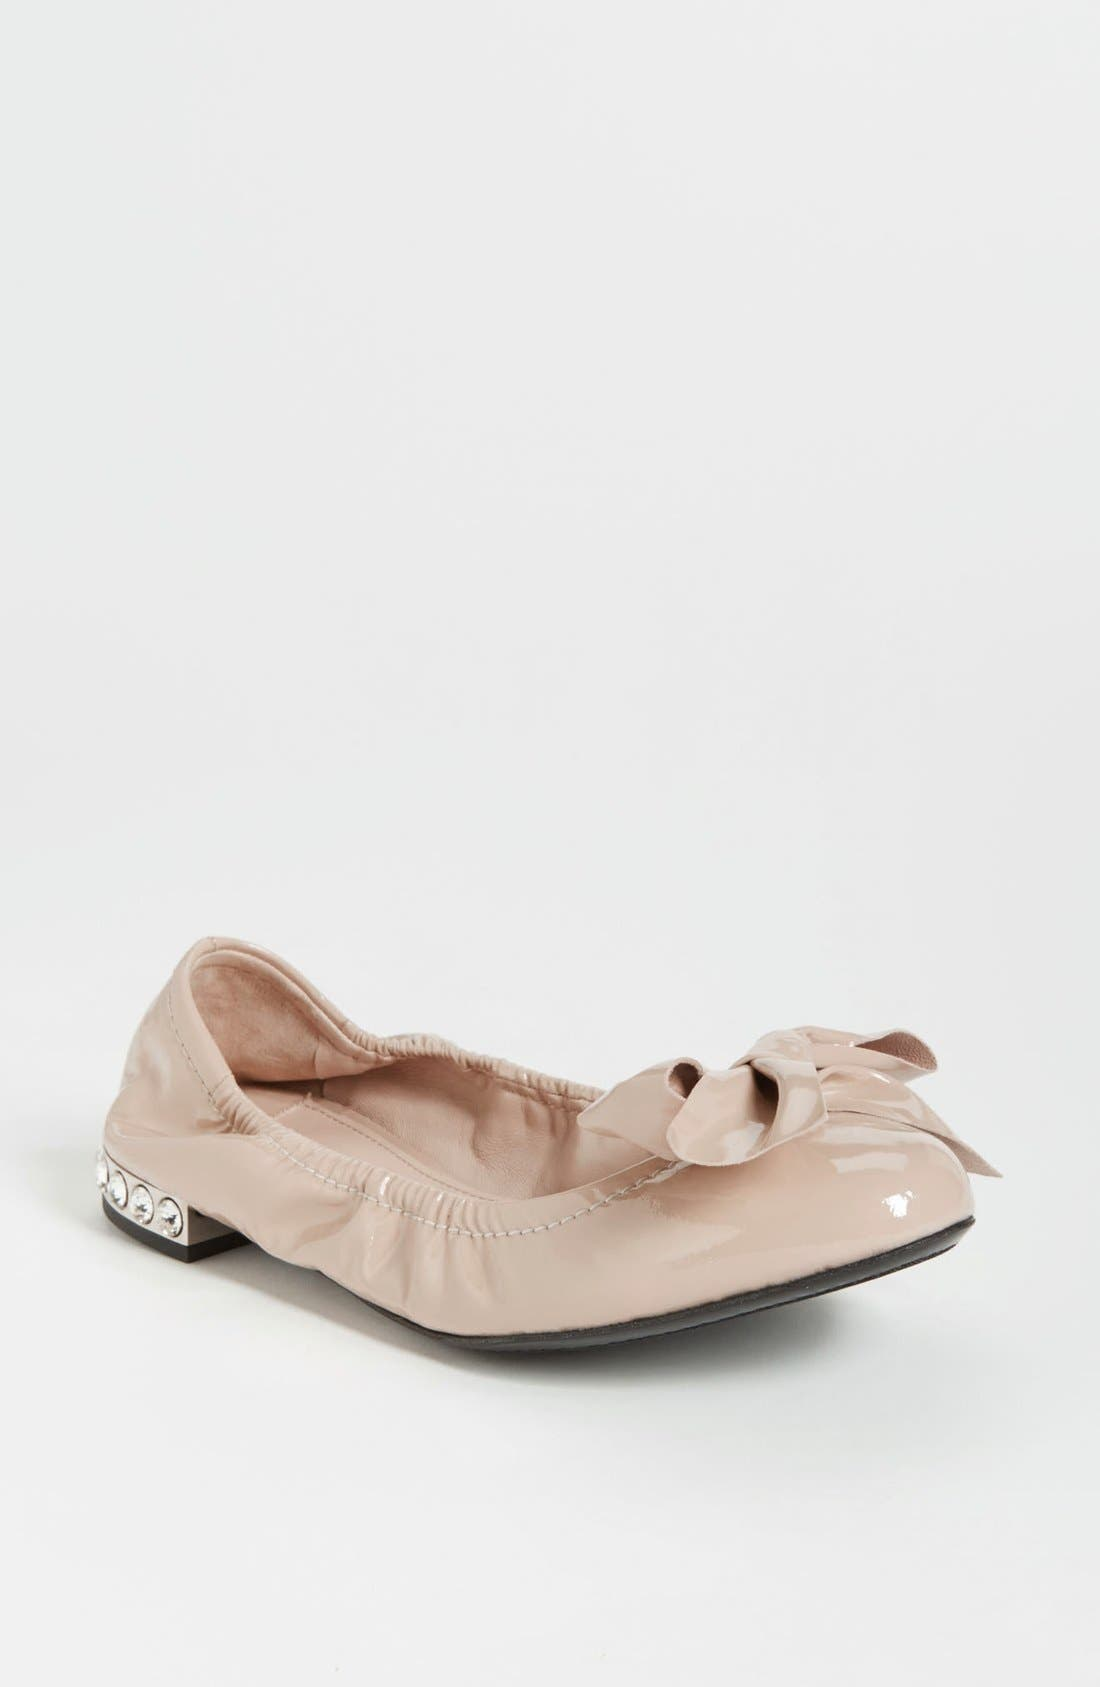 Main Image - Miu Miu Jeweled Heel Ballerina Flat